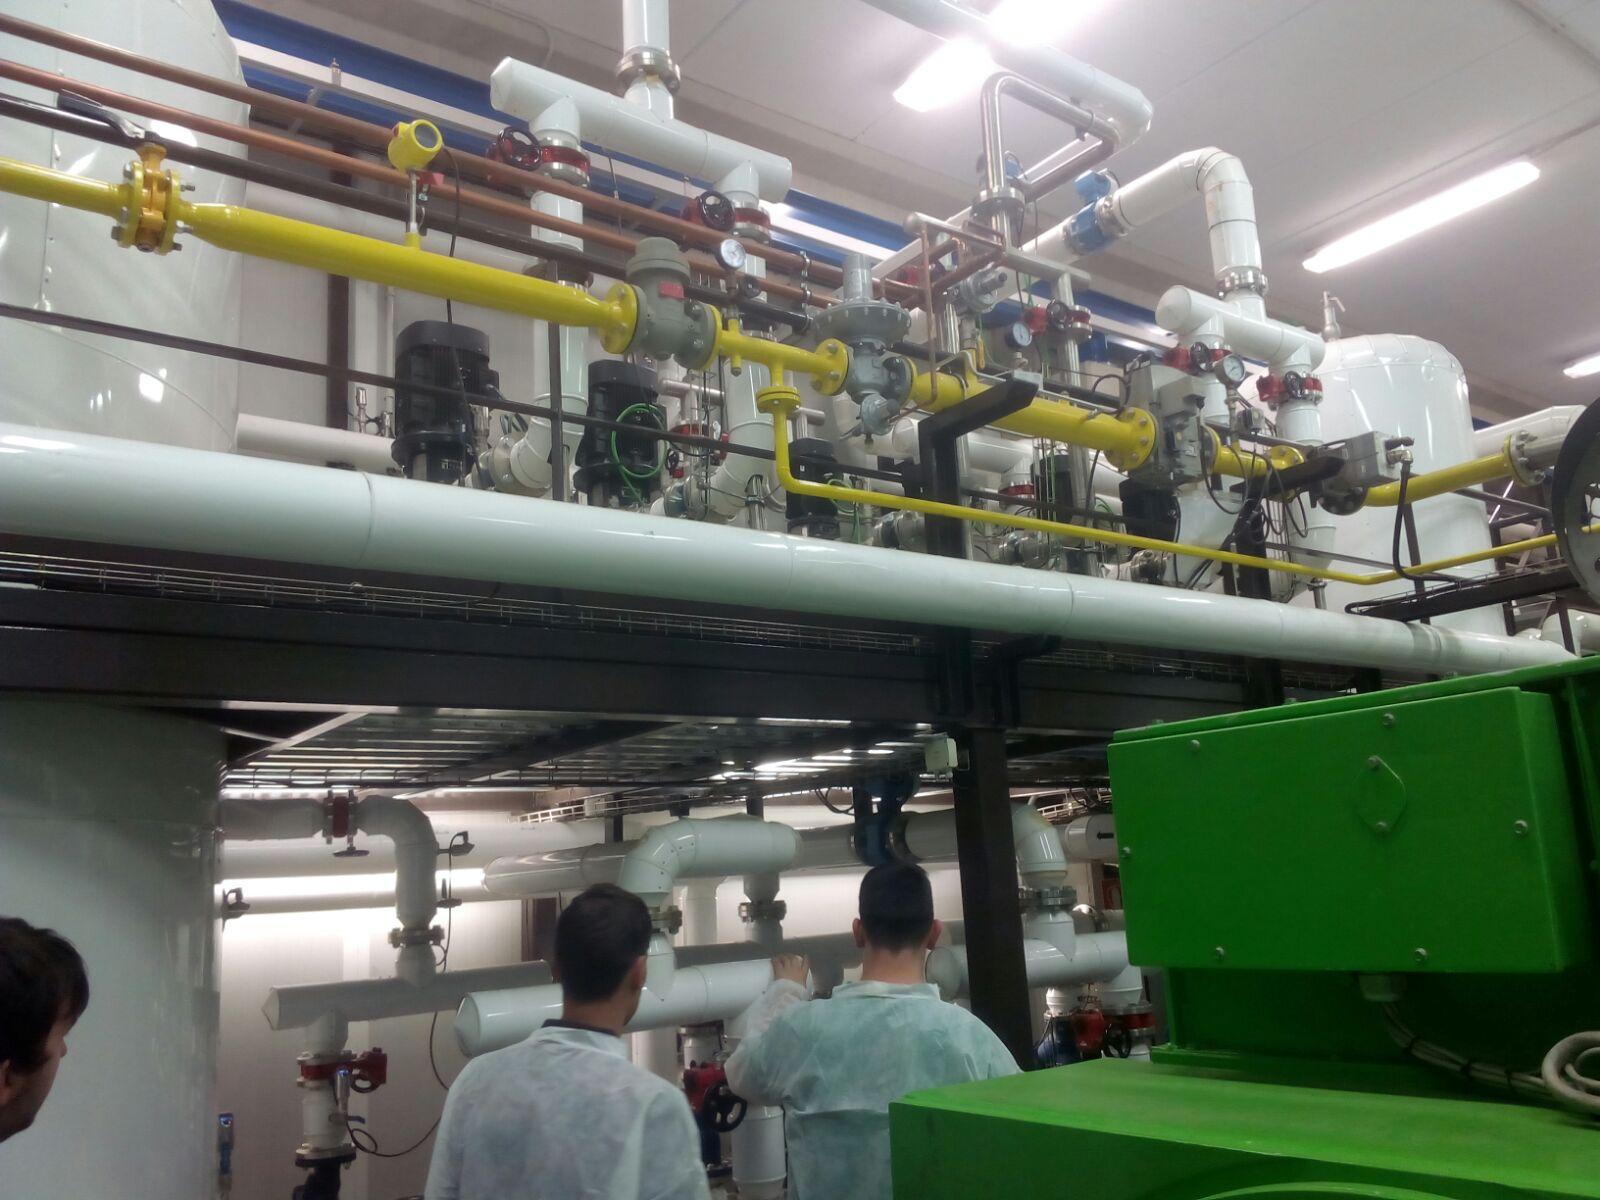 FRED INDUSTRIAL projectem, realitzem i mantenim les seves instal·lacions de fred industrial, comercial i l'associat a les instal·lacions d'hostaleria. Servei 24 hores x dia. Subministrament i instal·lació d'equips frigorífics d'hostaleria, mobles i armaris refrigerats estàndard i fabricació pròpia a mida, màquines de gel, abatedors de temperatura. Cambres de panells i maquinaria refrigeració per cuines industrials, estudi tècnic de necessitats i elaboració del projecte.